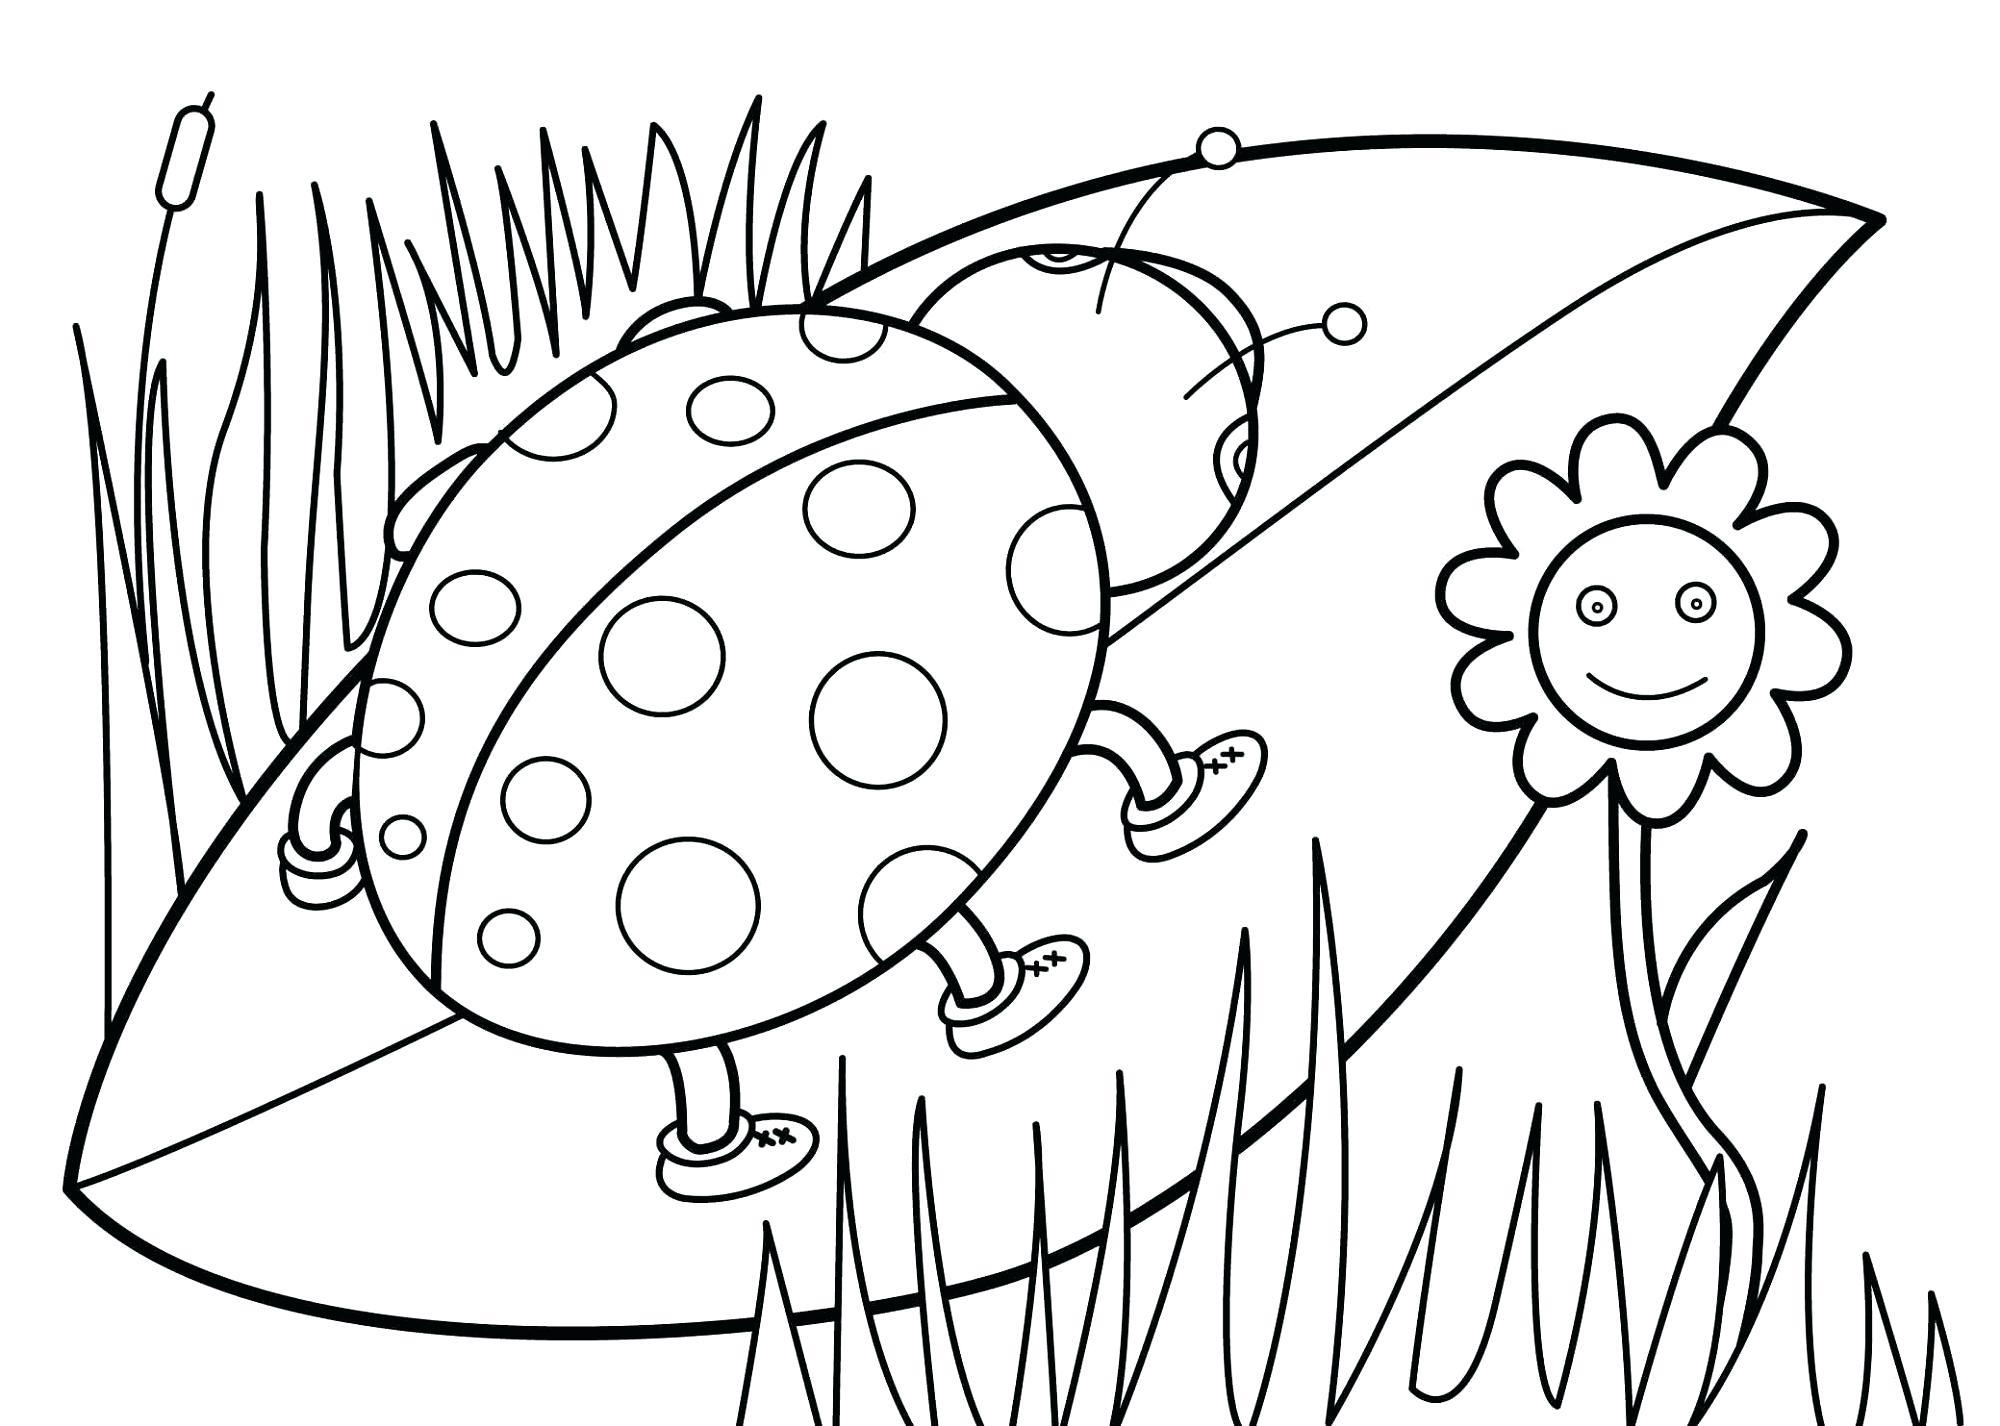 Drawing Worksheet For Kindergarten At Getdrawings